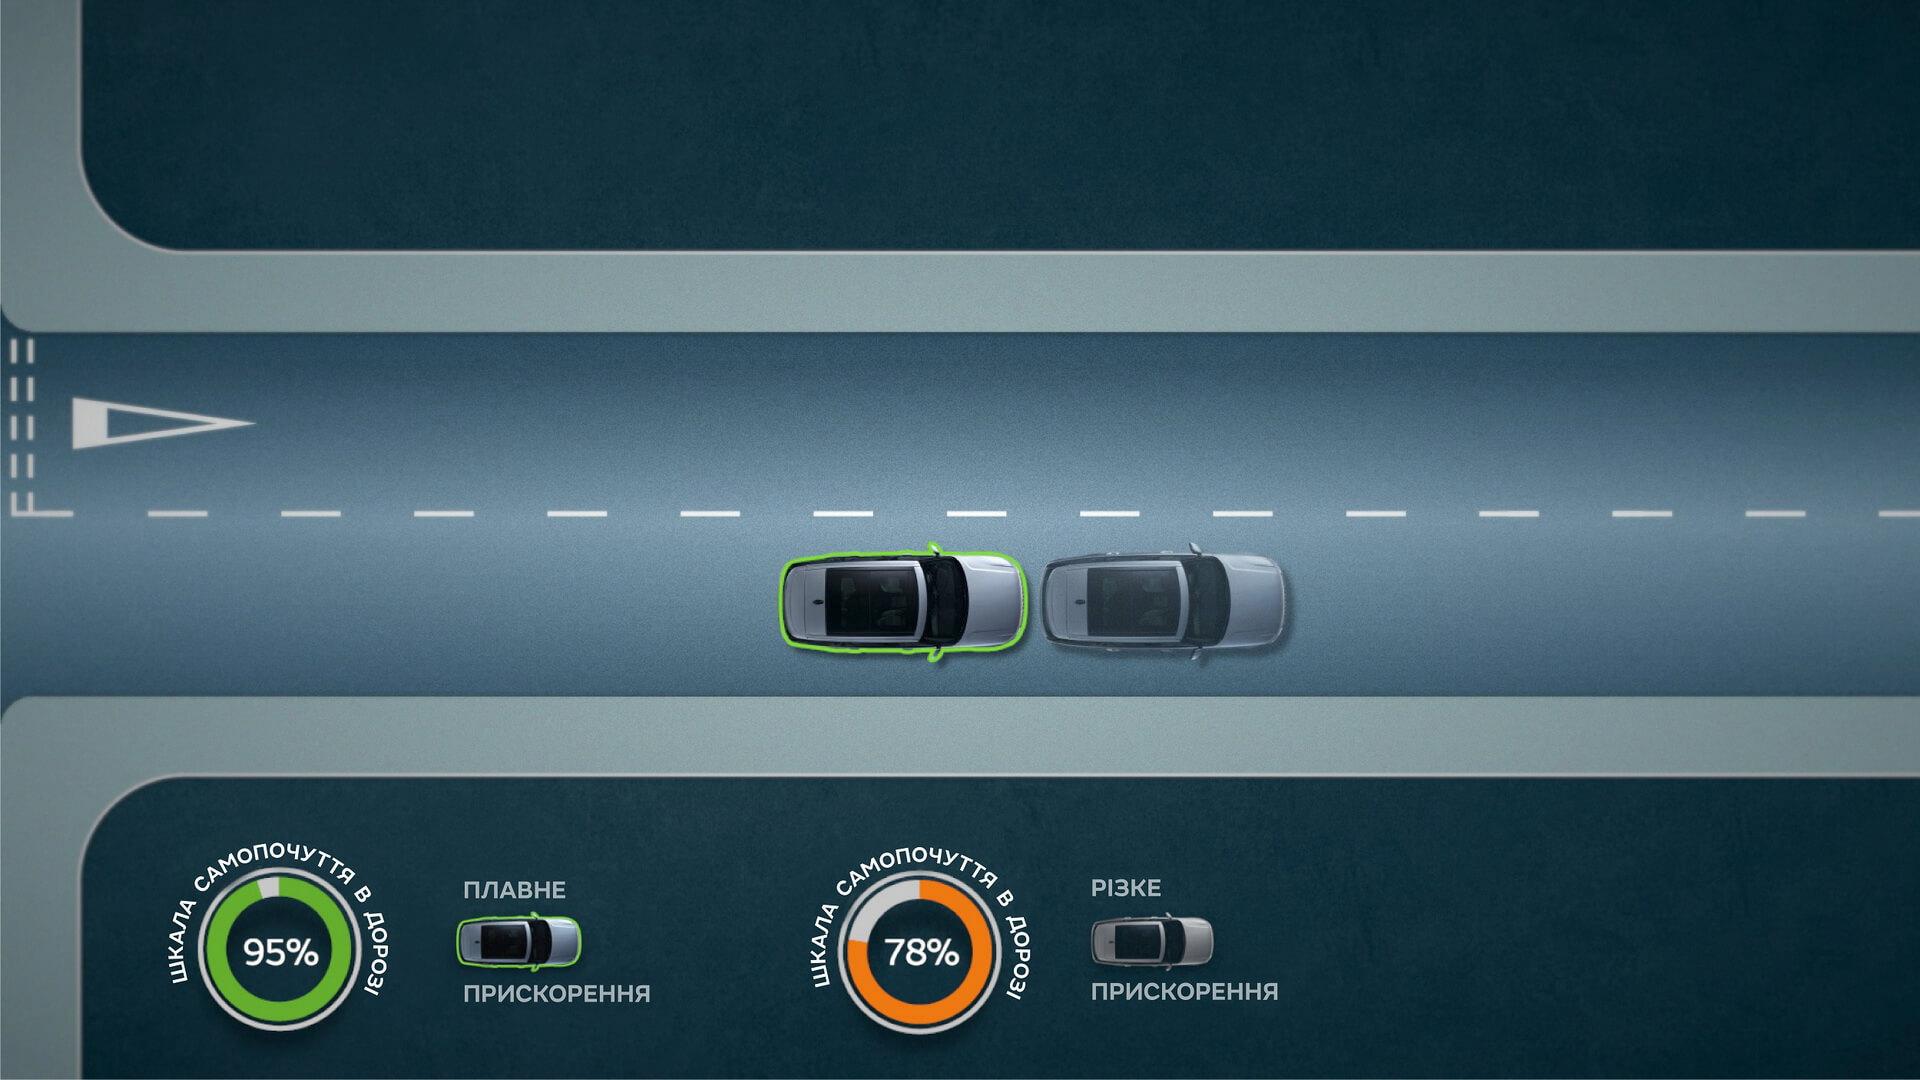 Інтелектуальне програмне забезпечення регулює прискорення, гальмування та положення у смузі руху